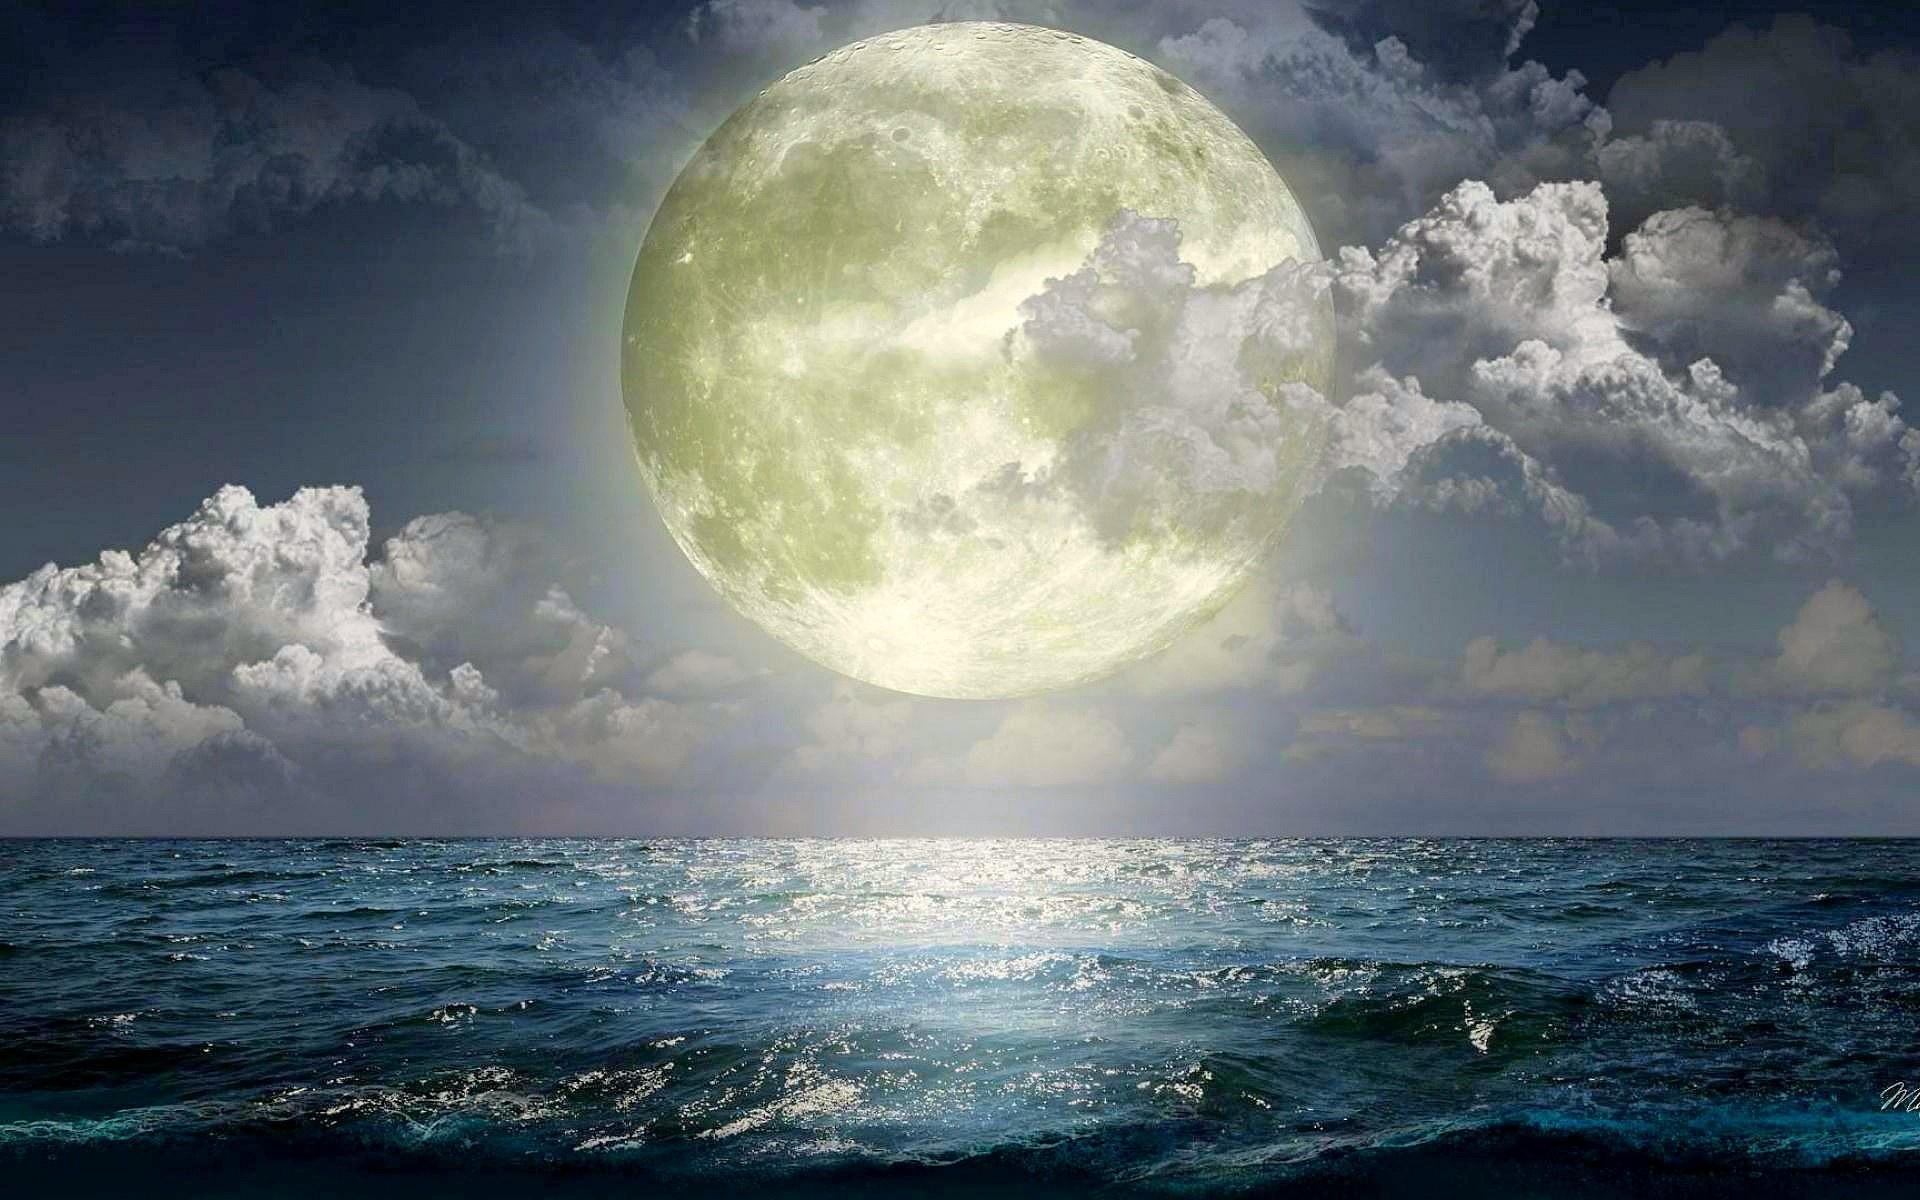 хамитович предпочитает картинка луна больше рядом море красиво сохранения прекрасного внешнего